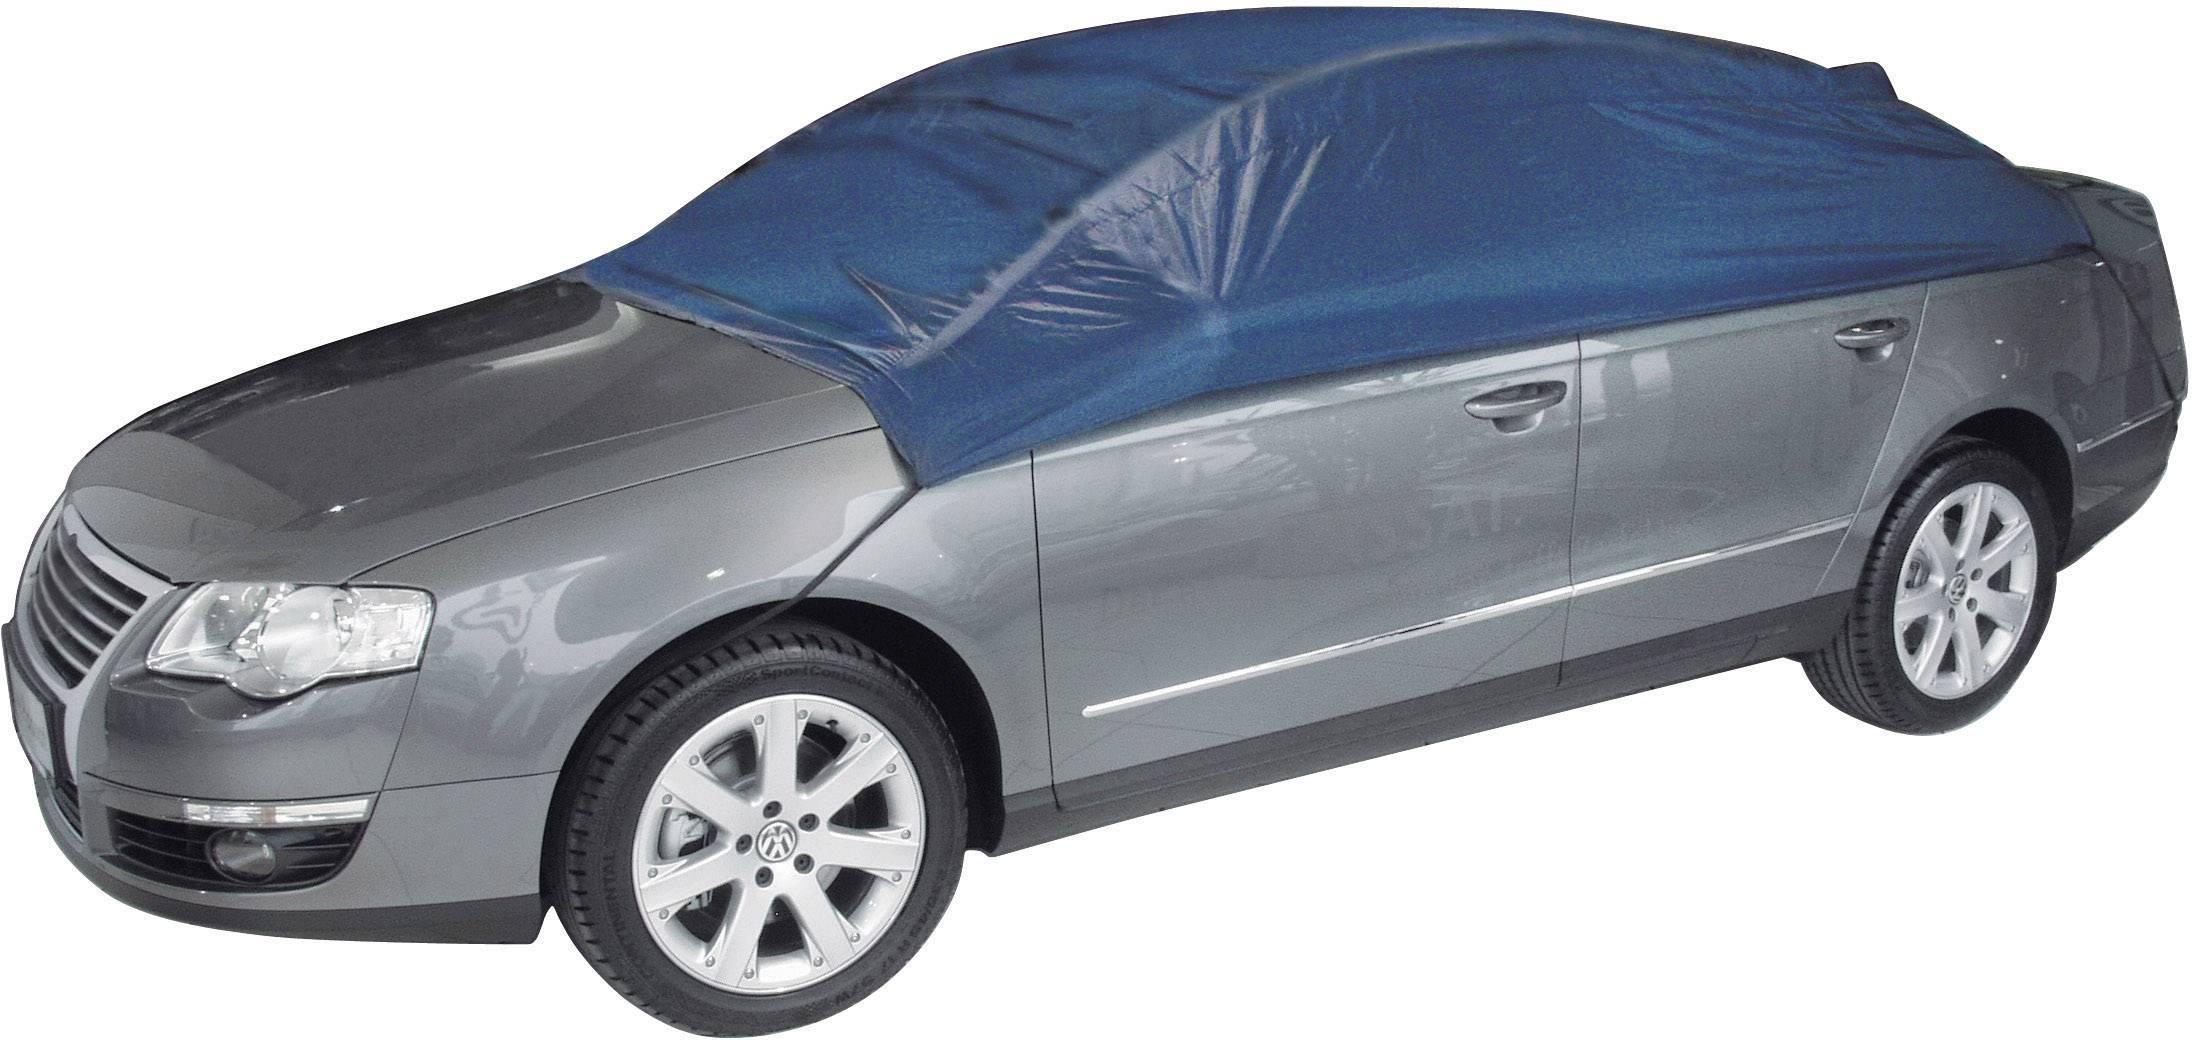 Plachta na automobil ochranná 70107 (d x š x v) 284 x 122 x 61 cm